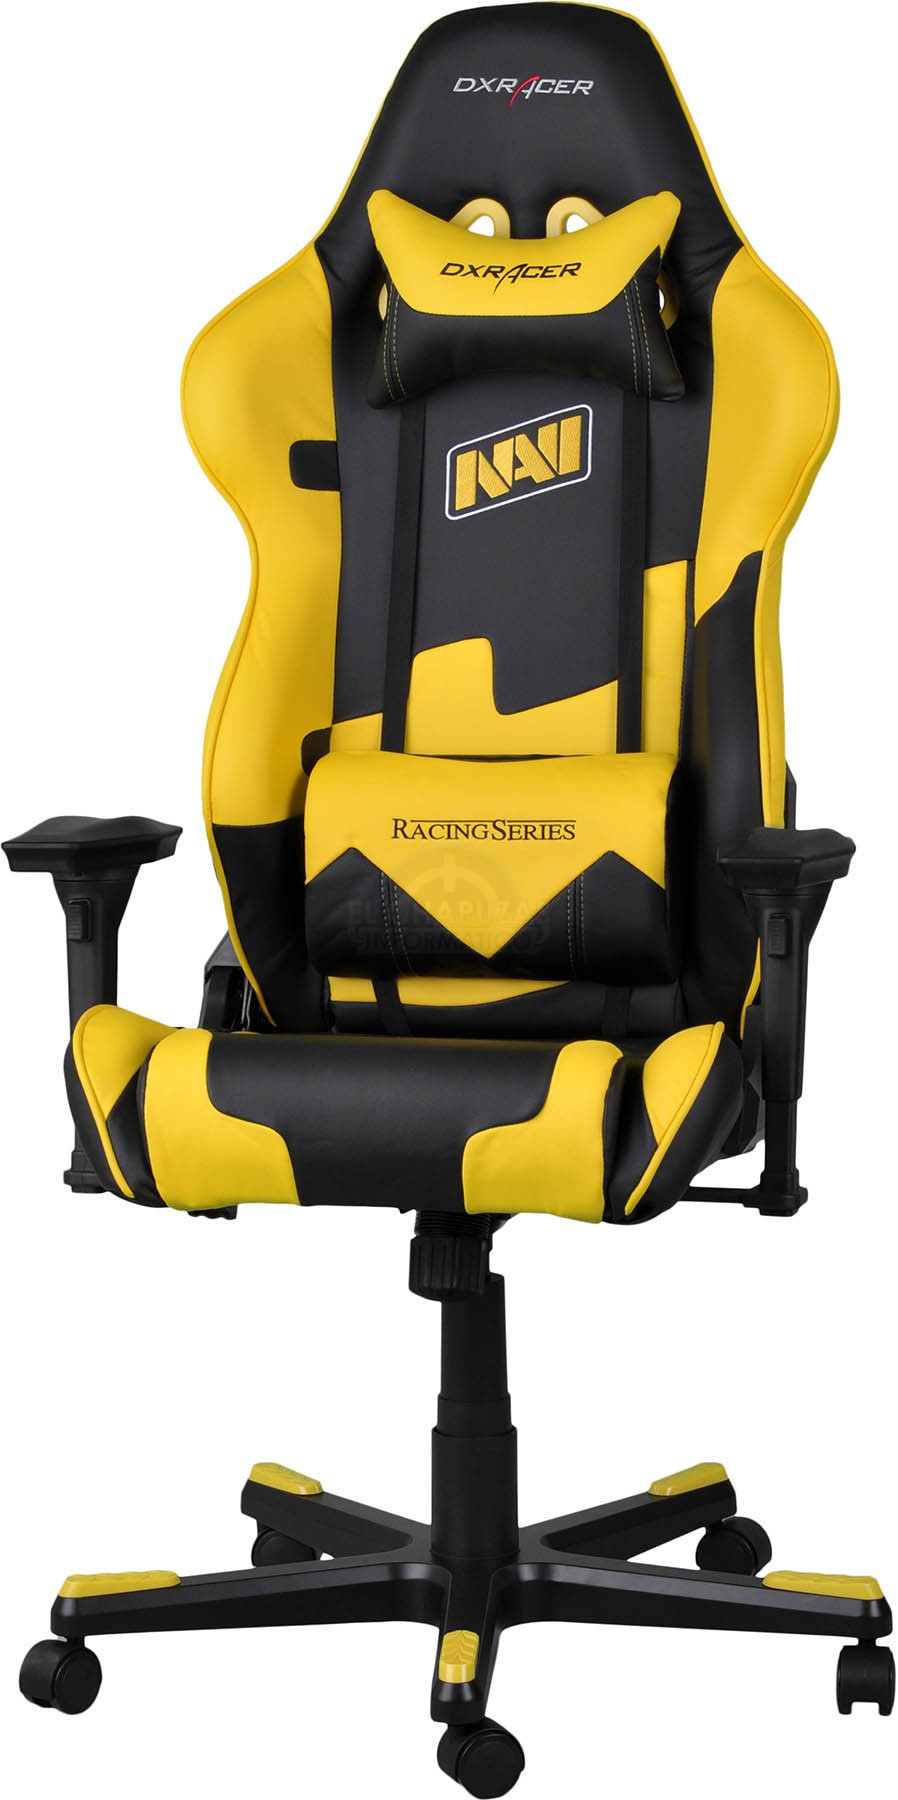 Dxracer lanza sus nuevas sillas gaming 29 modelos en for Silla gamer precio